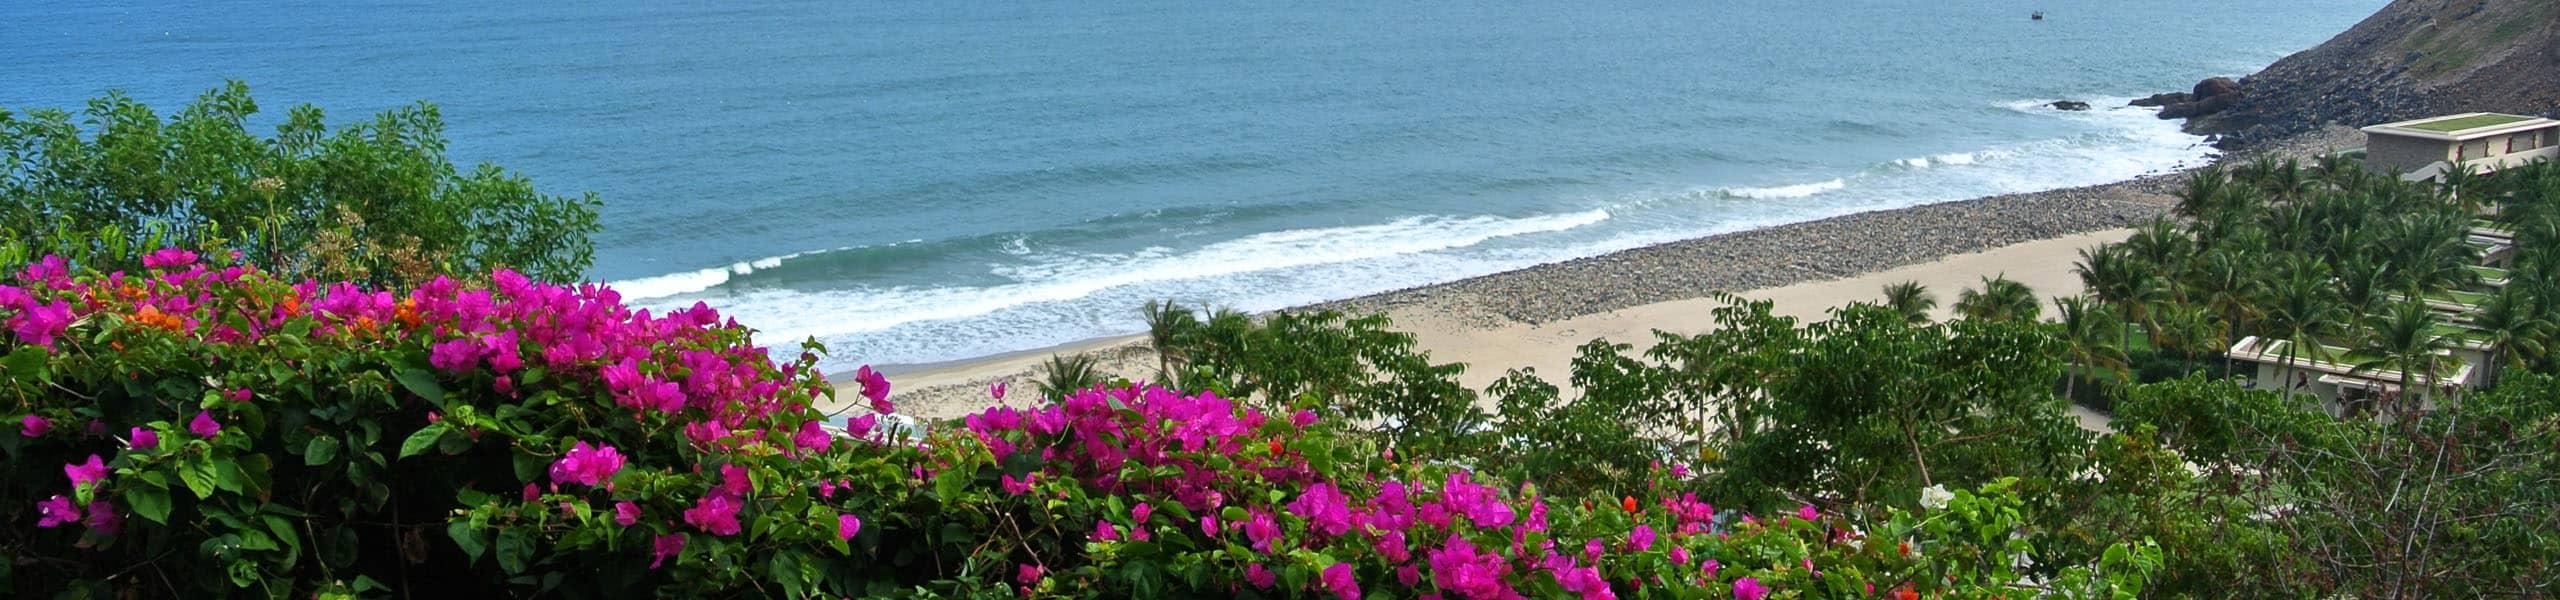 1 Góc bãi biển Nha Trang